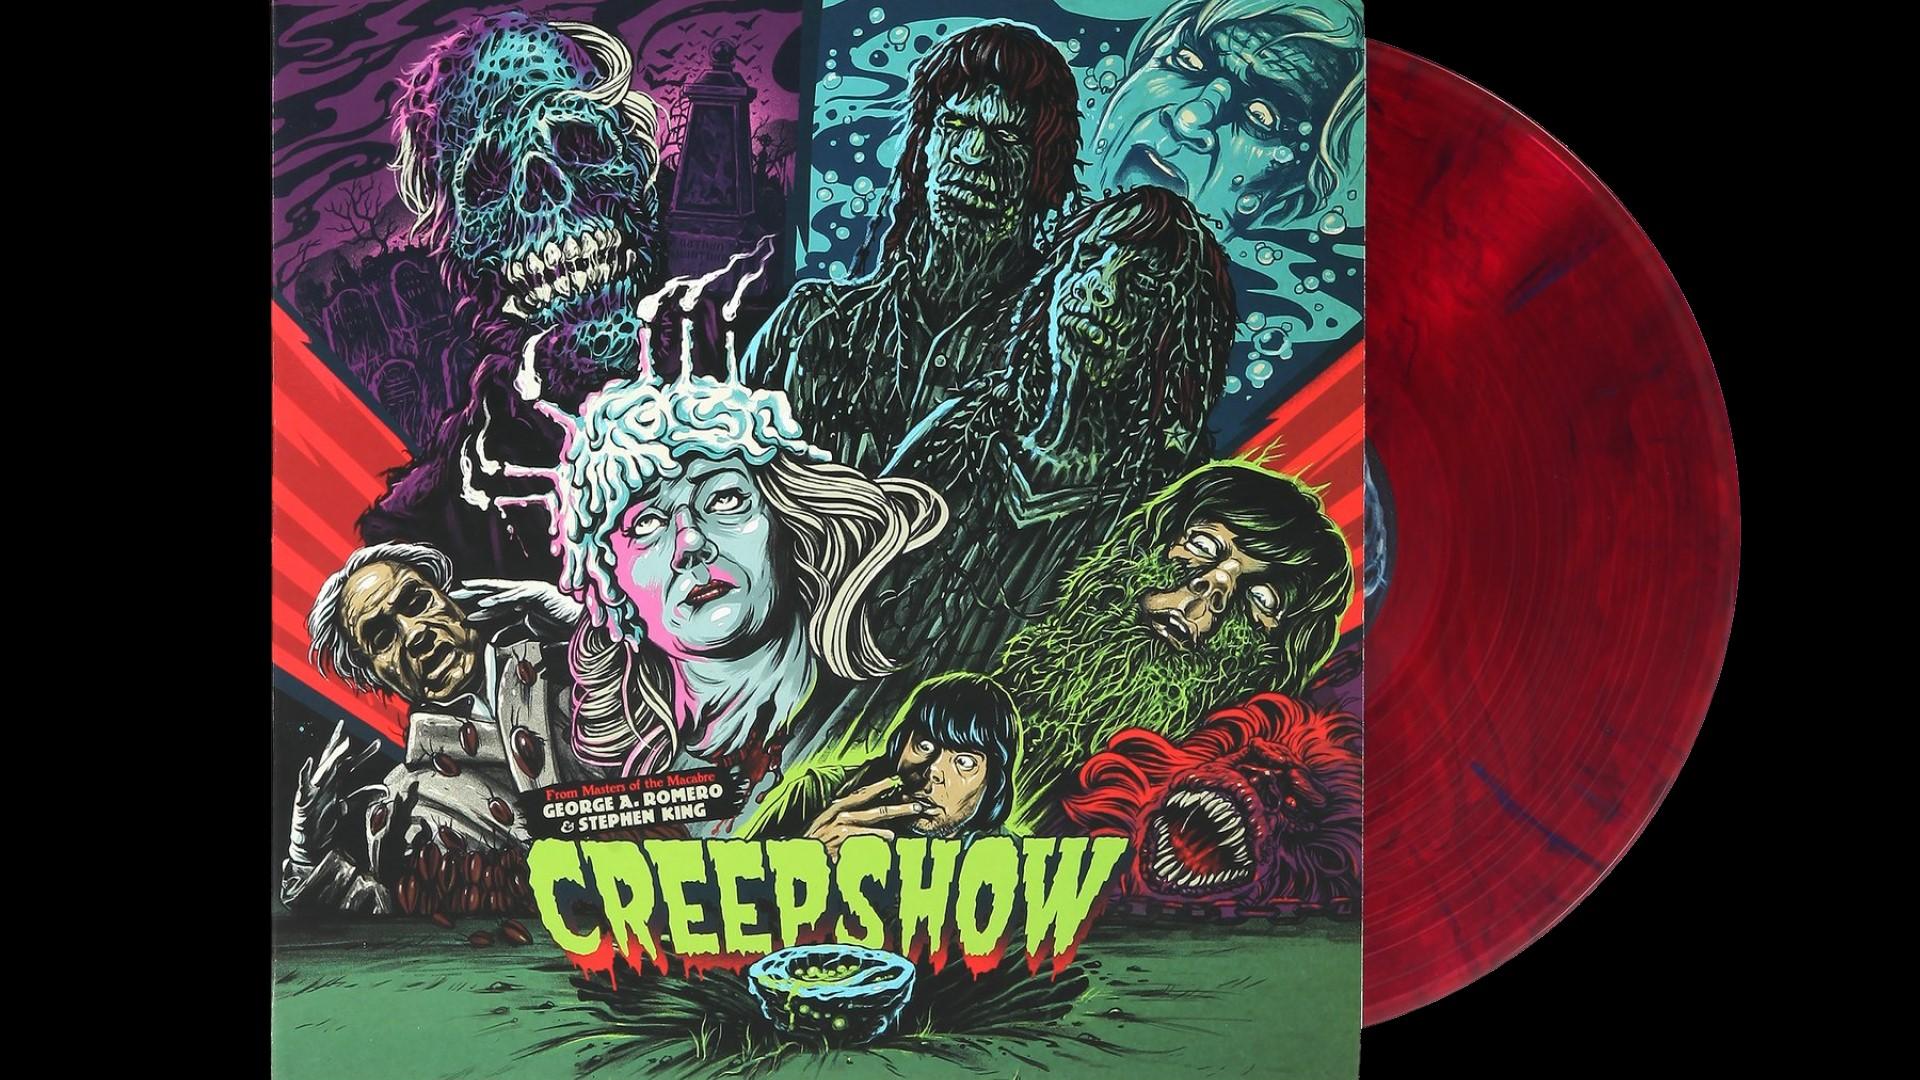 Creepshow OST Vinyl